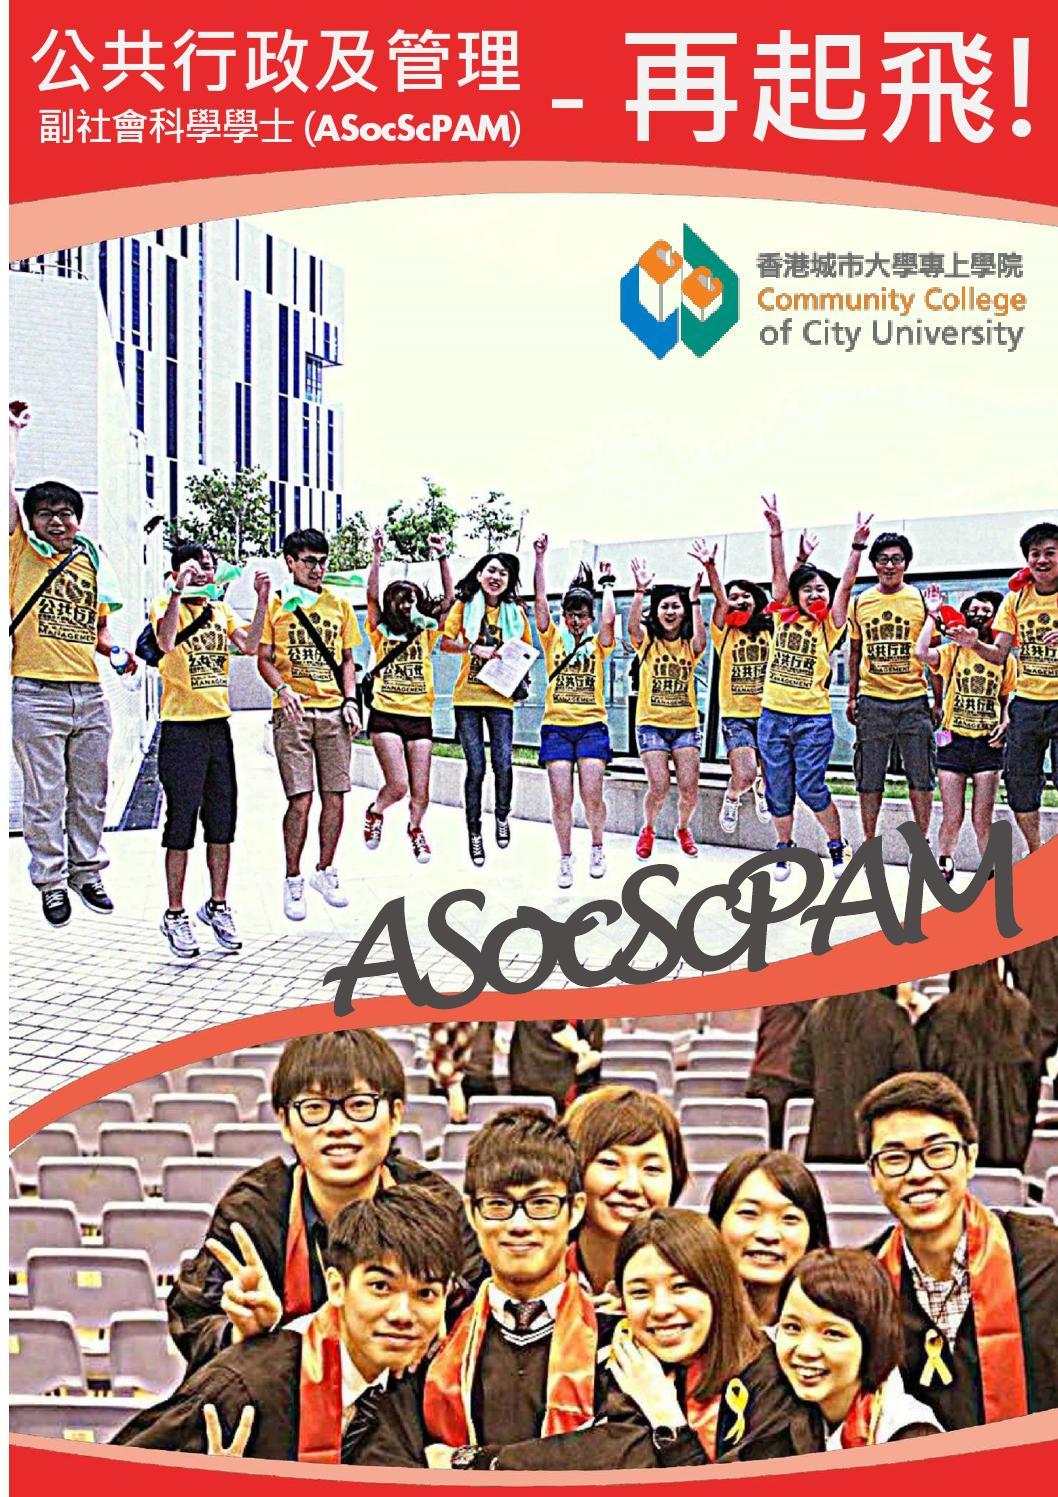 【副社會科學學士(公共行政及管理)課程(ASocScPAM) - 再起飛!】 by CCCU-DSS - Issuu